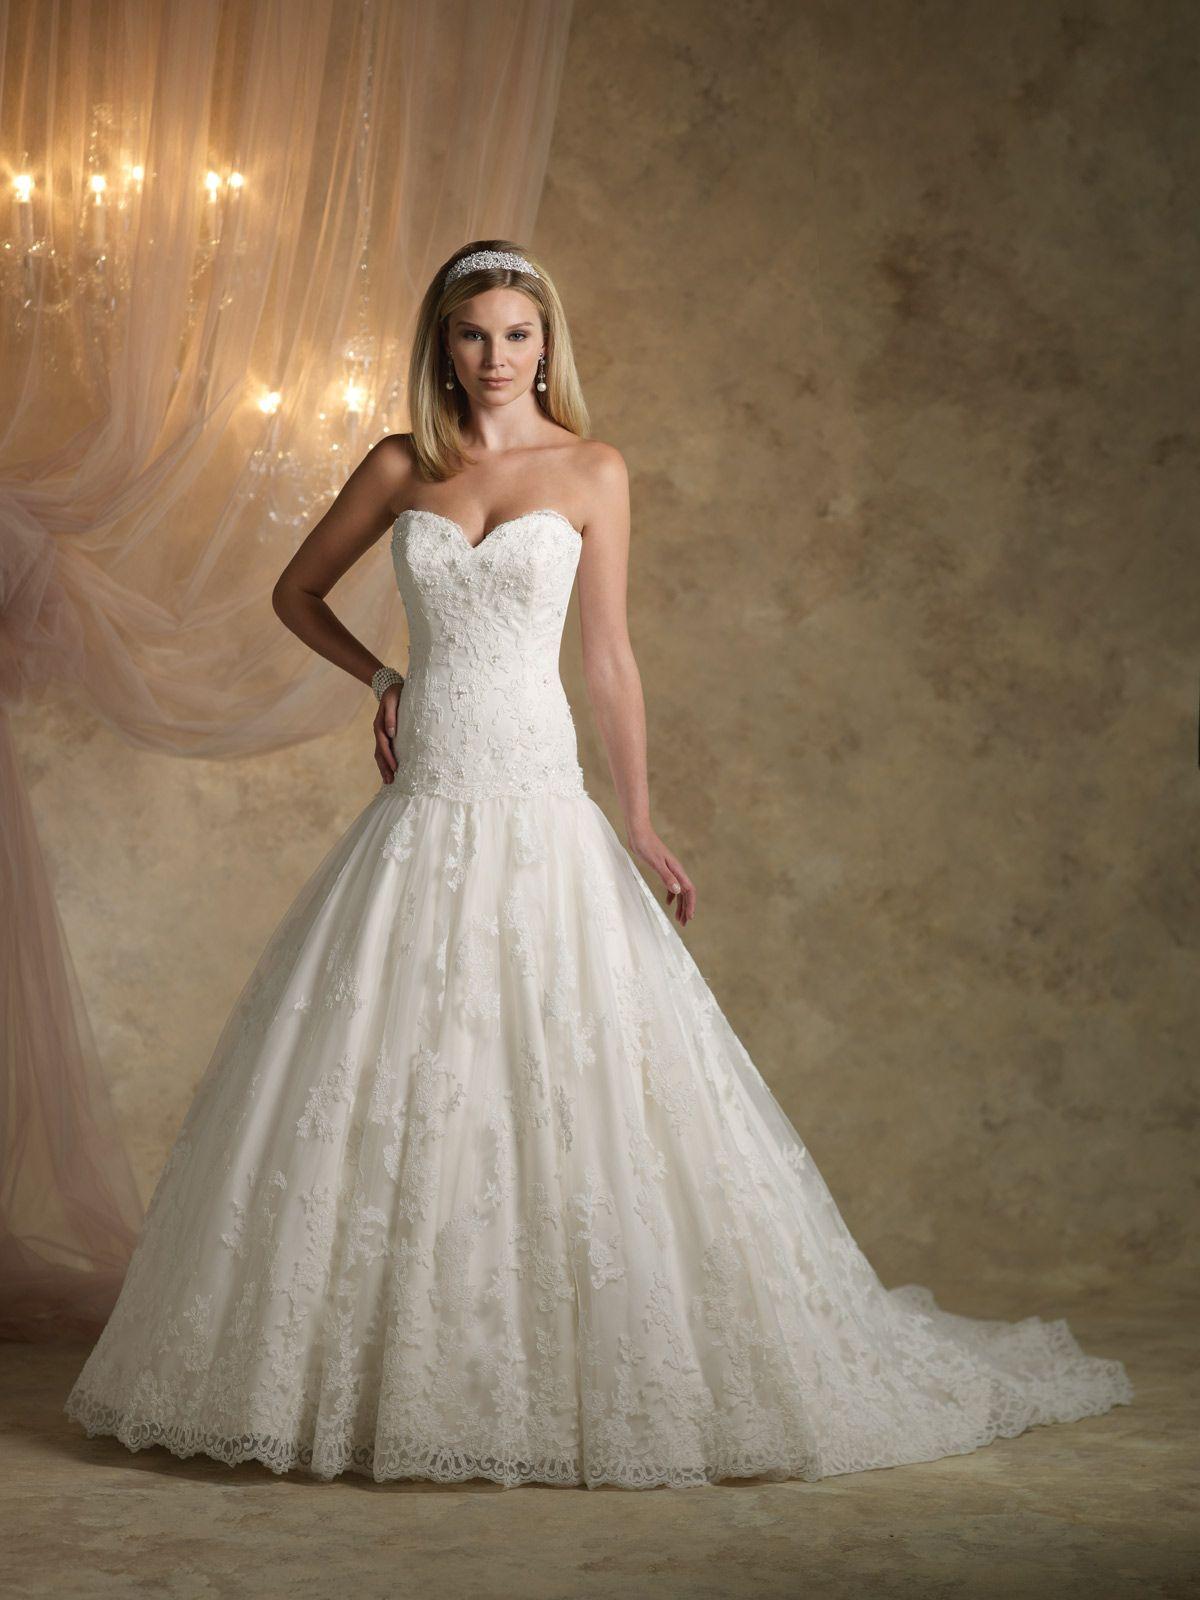 Kathy ireland for mon cheri bridal style no ki kathy